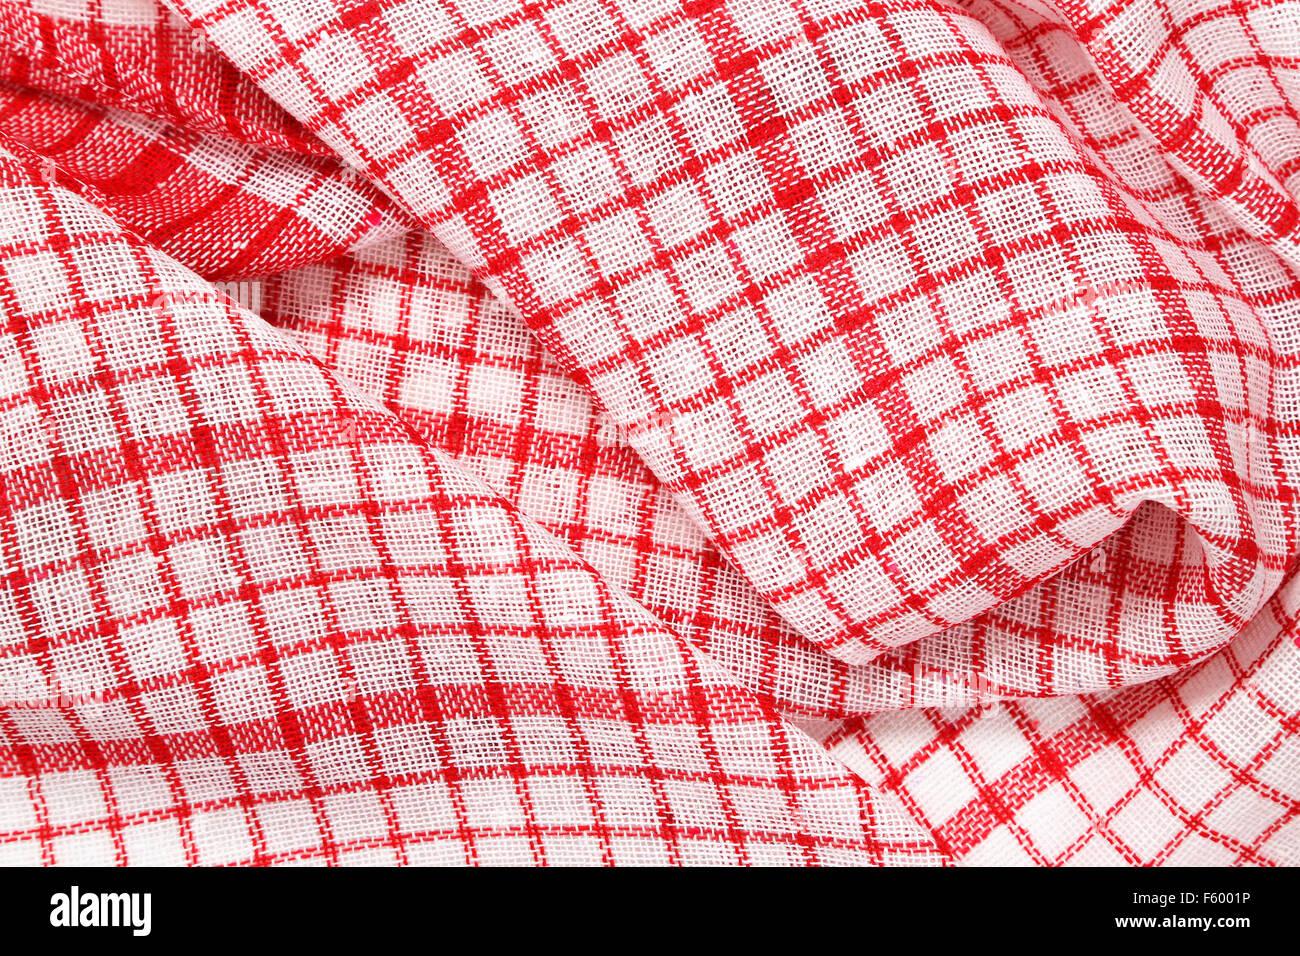 Dishtowel Stockfotos & Dishtowel Bilder - Alamy